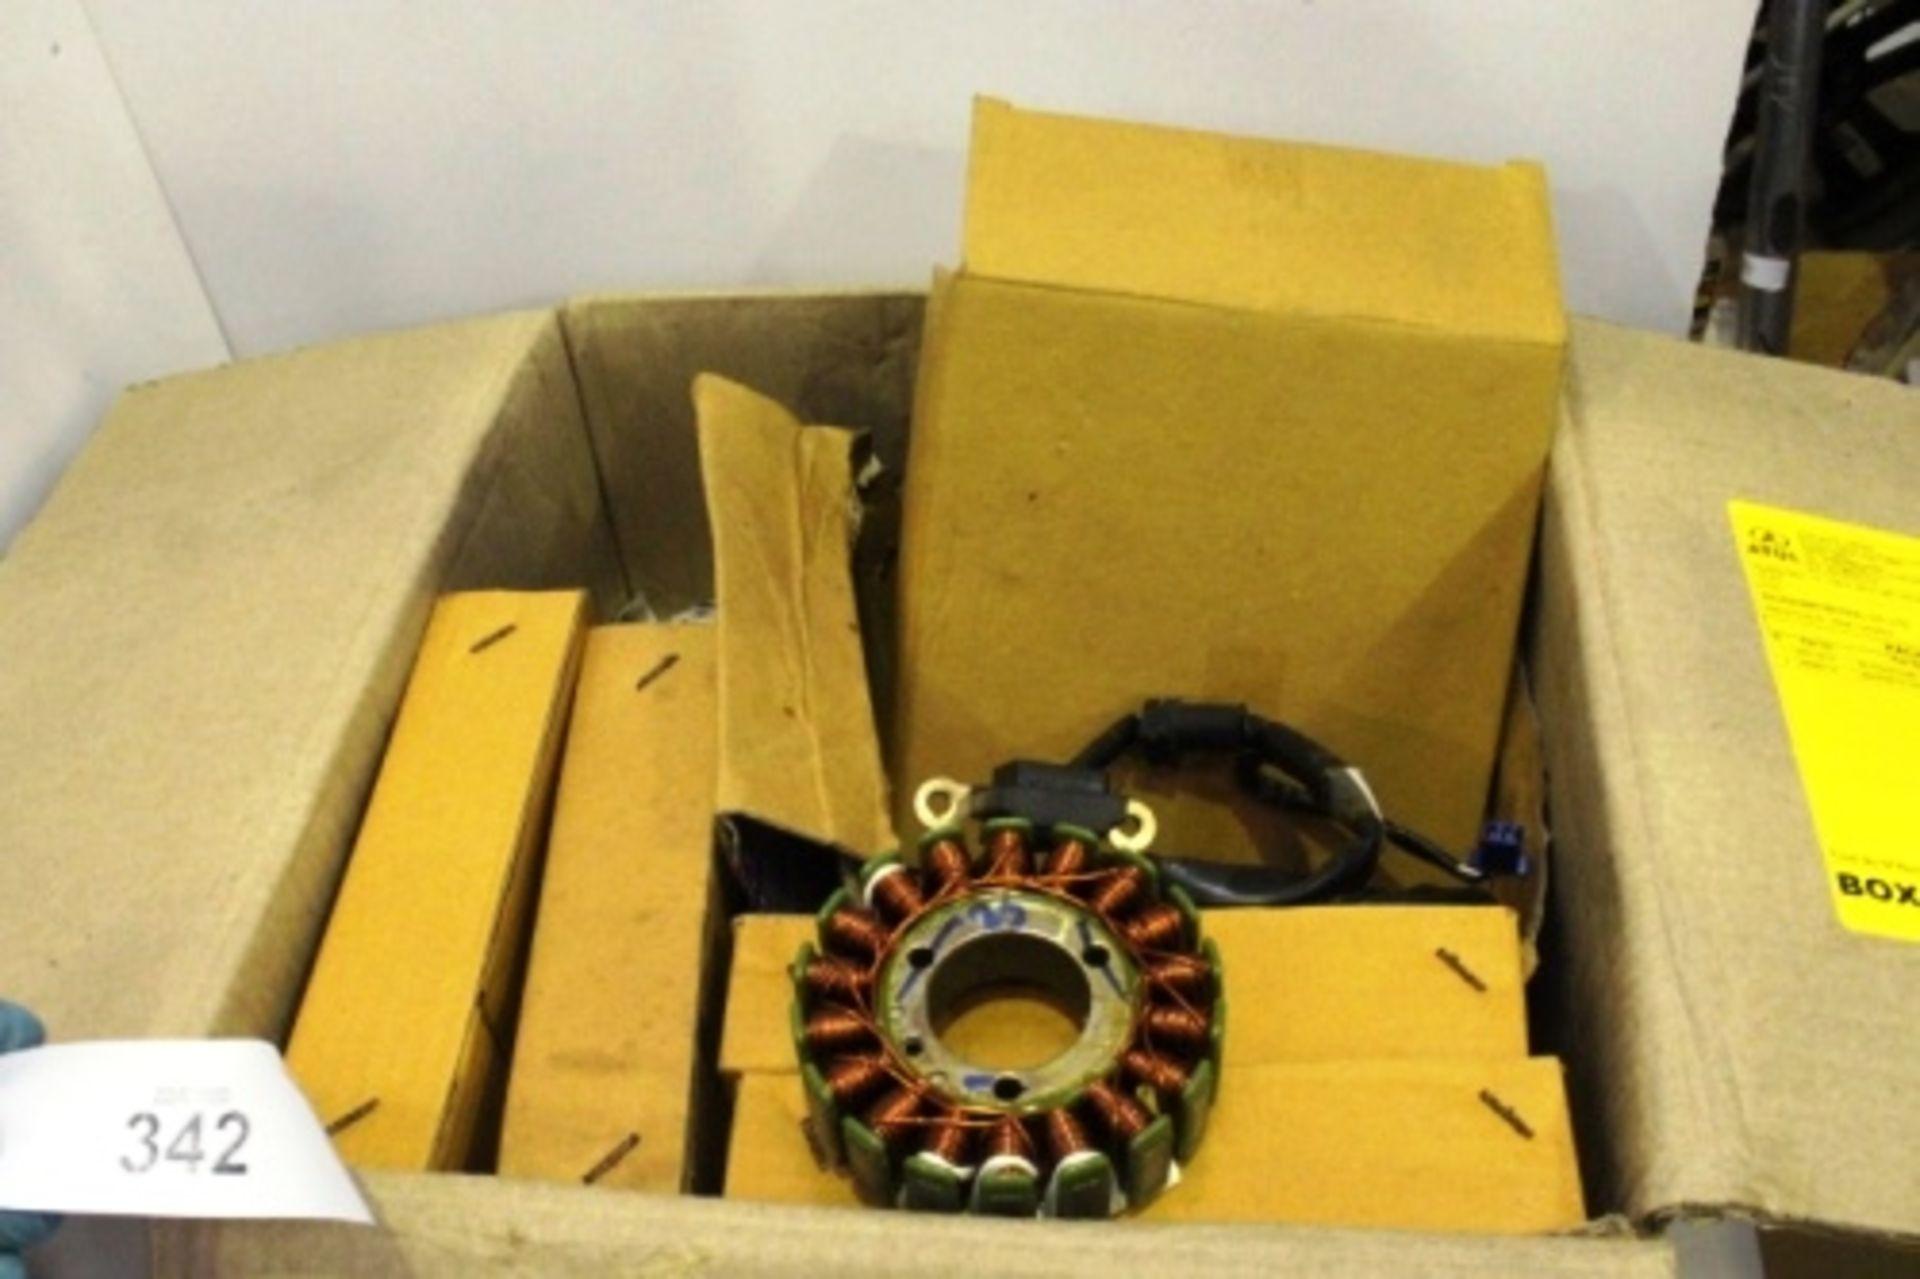 Lot 342 - 1 x Atul magneto assembly 36080137, kit Woodrough keys, magneto rotor holder, magneto puller -